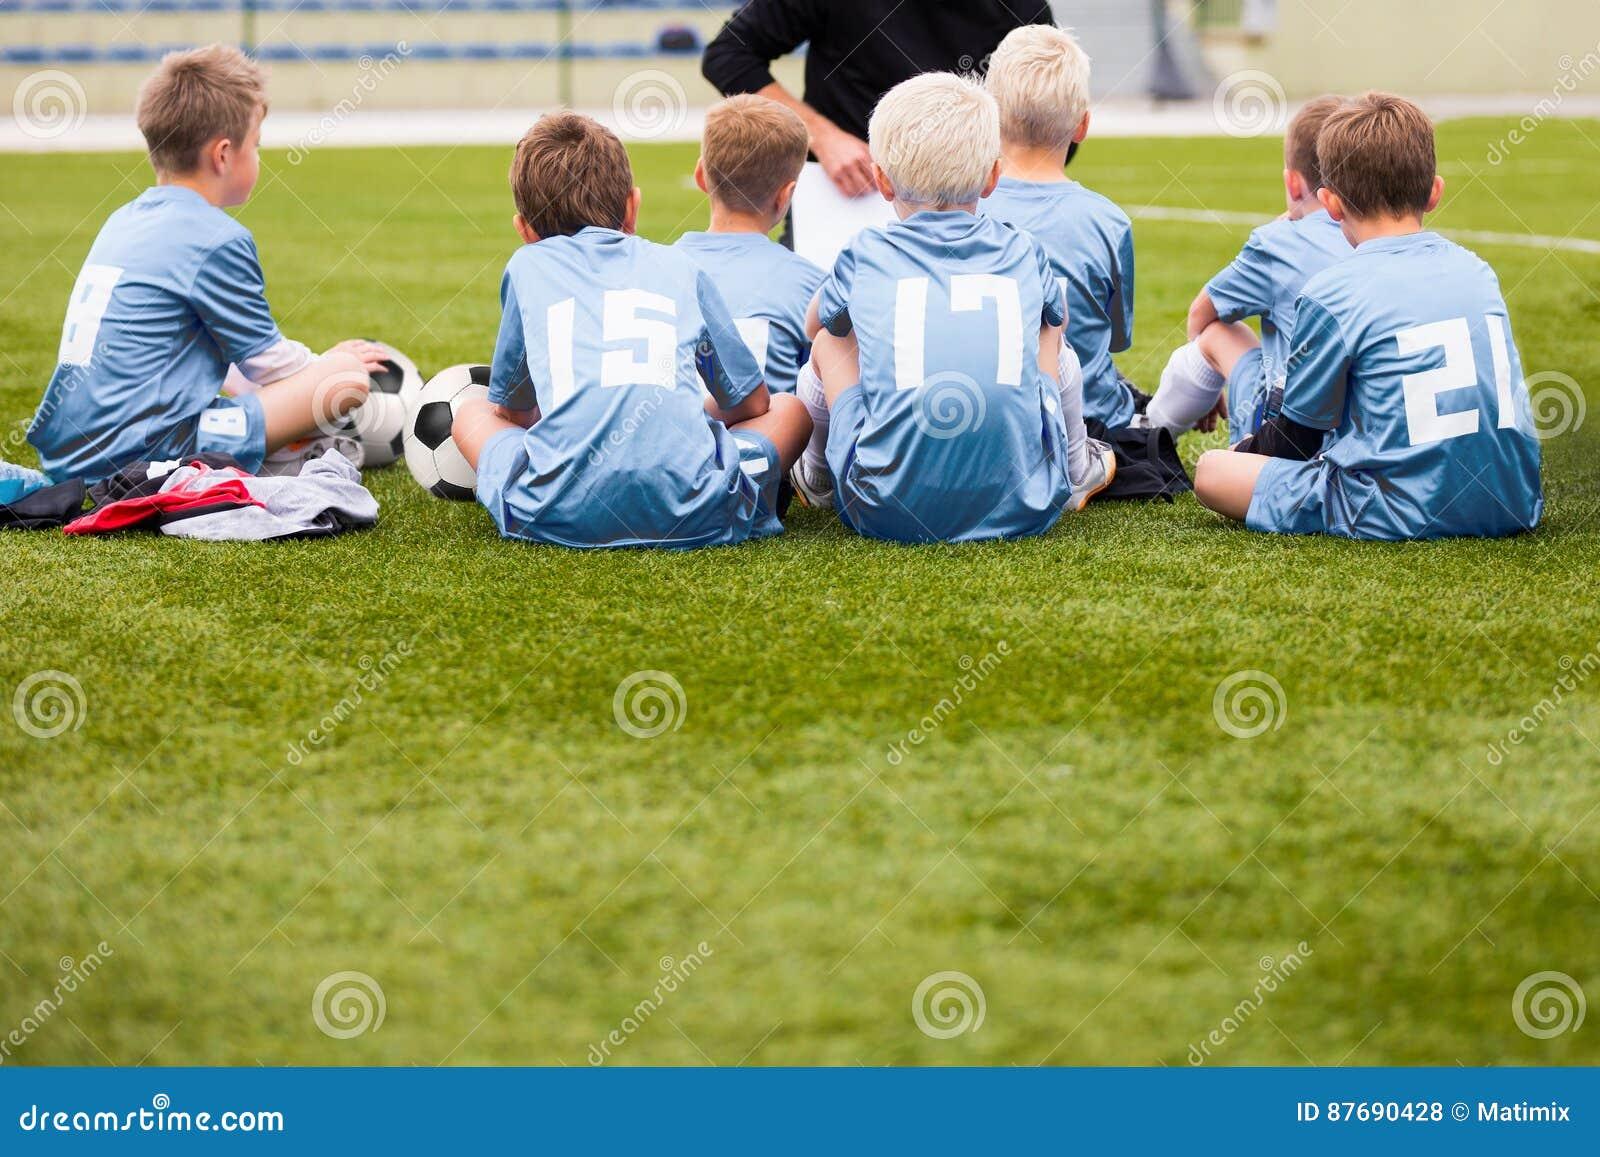 Entraîneur donnant de jeunes instructions d équipe de football Le football Team With Coach de la jeunesse